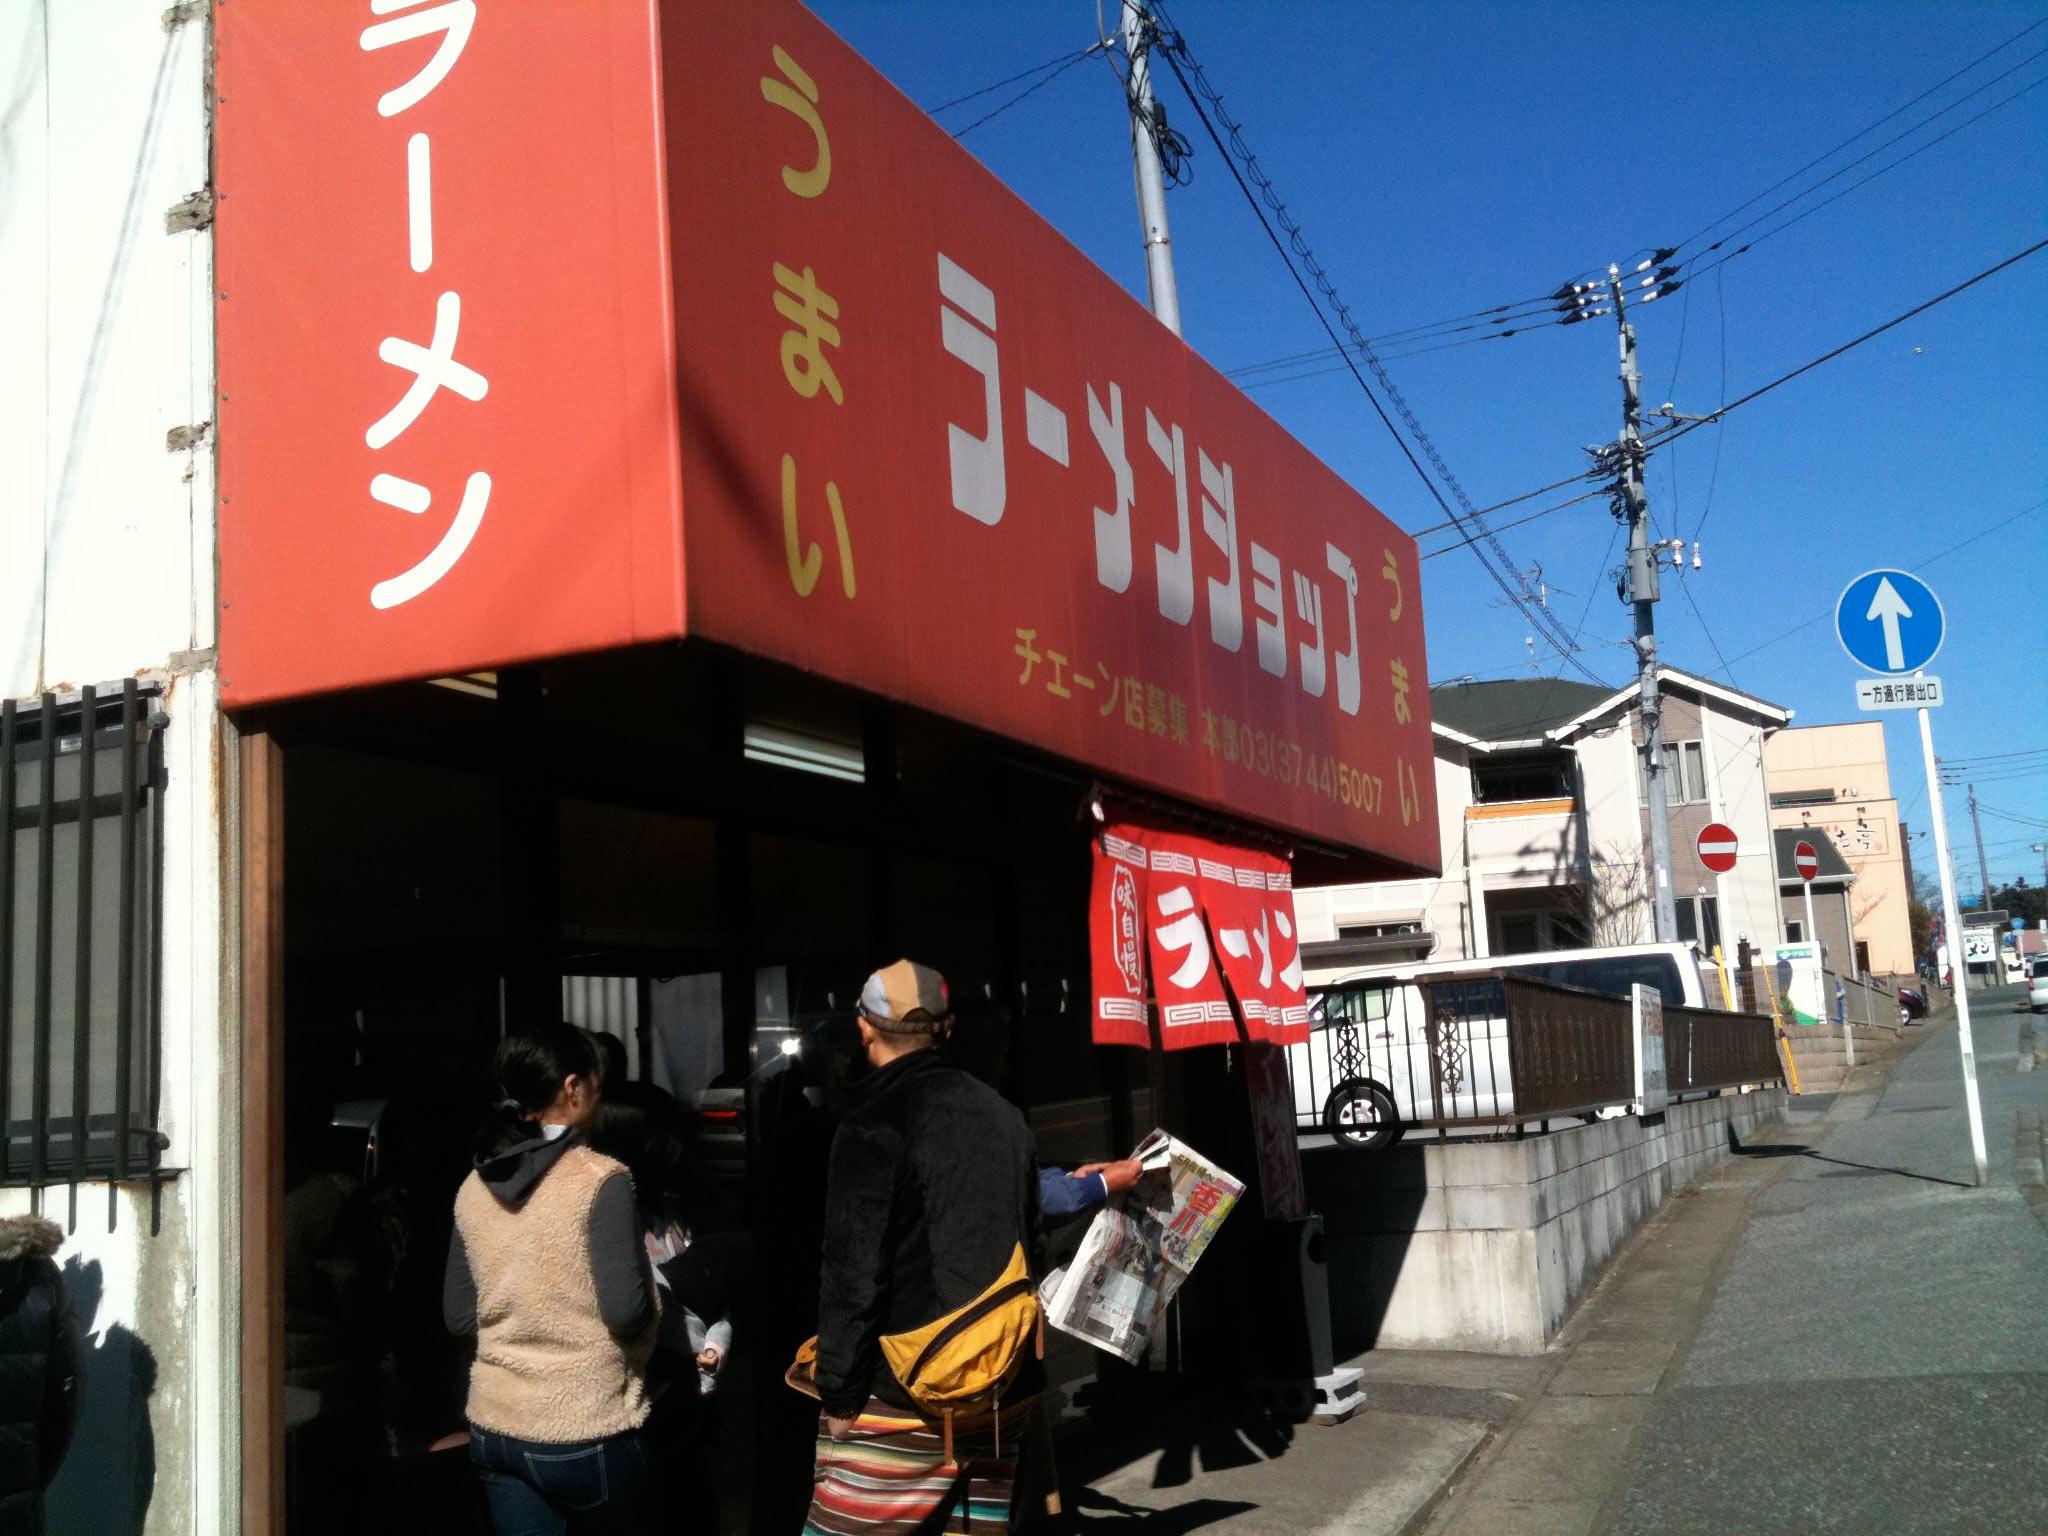 つけ麺 ラーメンショップ a.k.a